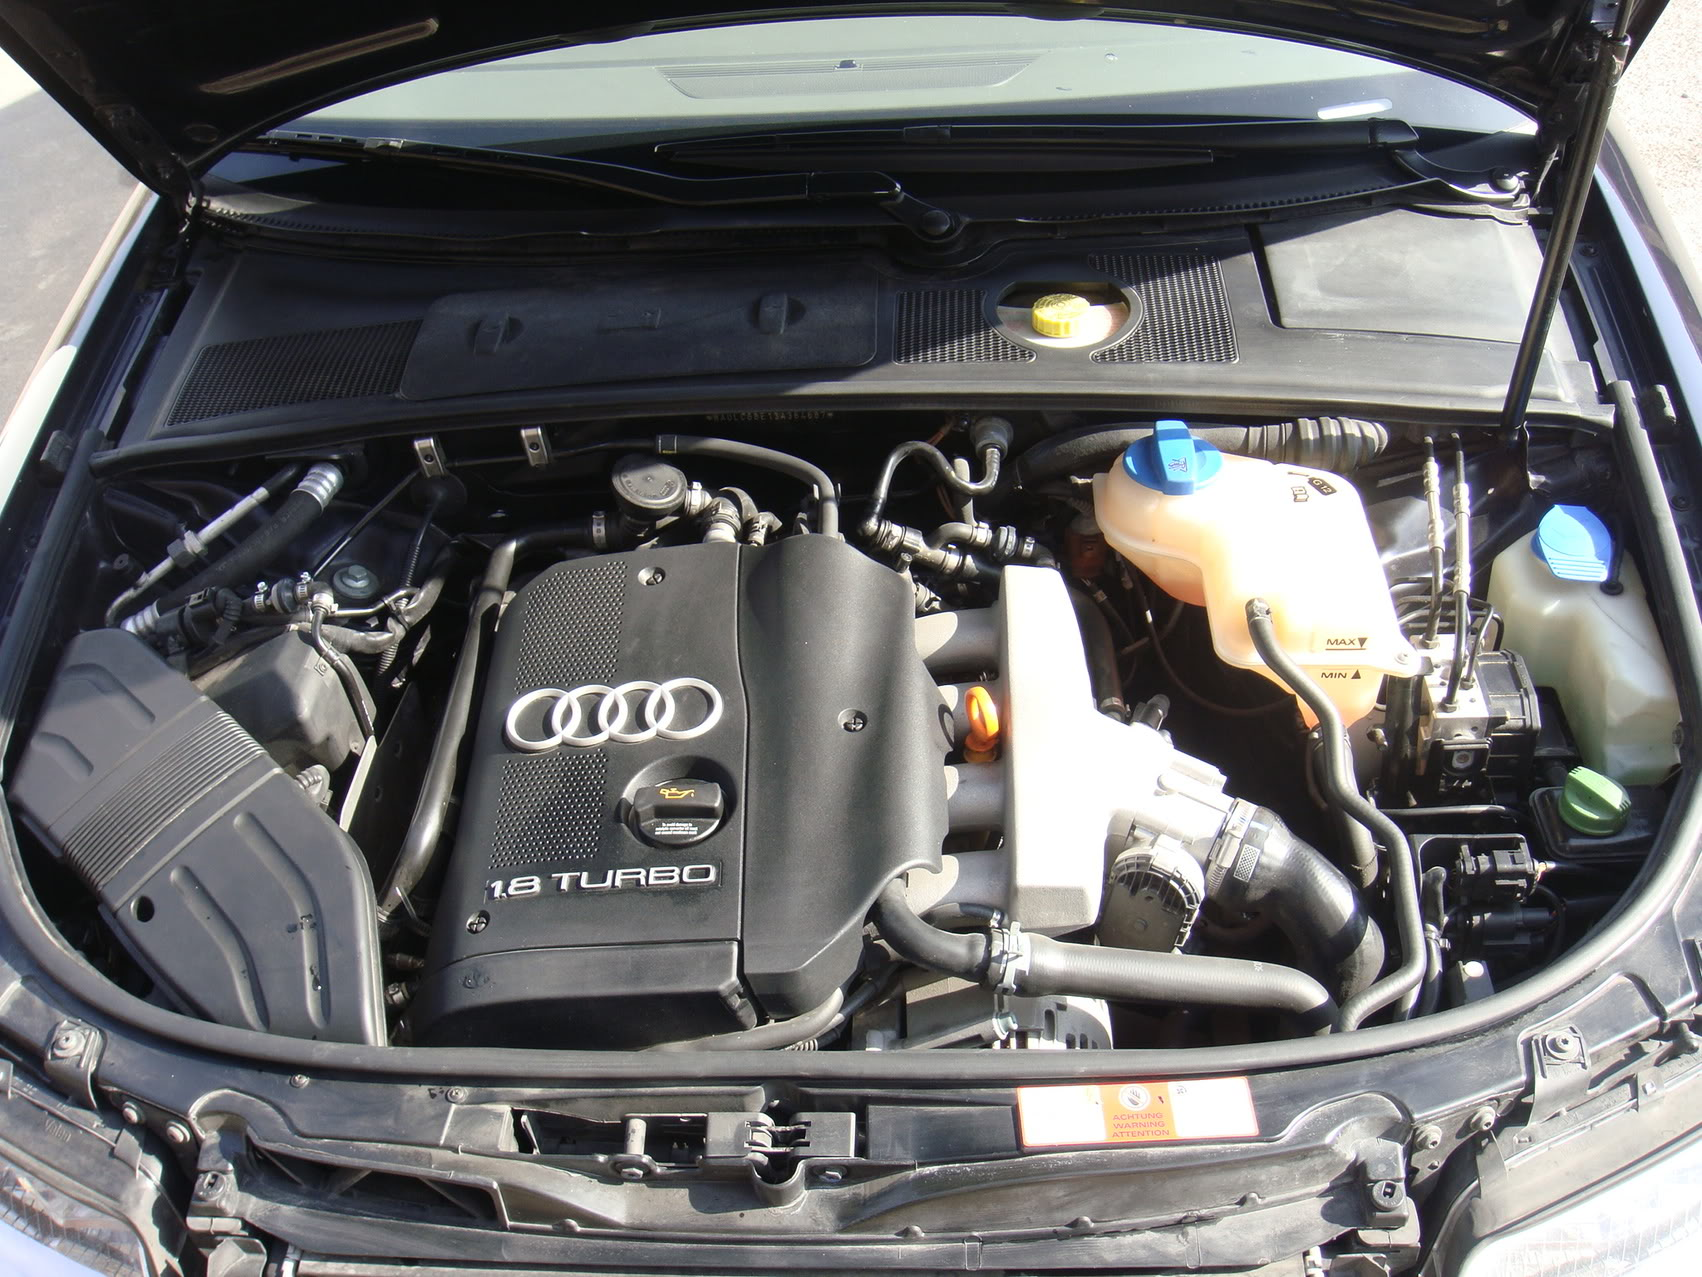 2003 audi a4 engine diagram 1999 ford contour fuse quattro 1 8t tx sport pkg 5 mt audiforums